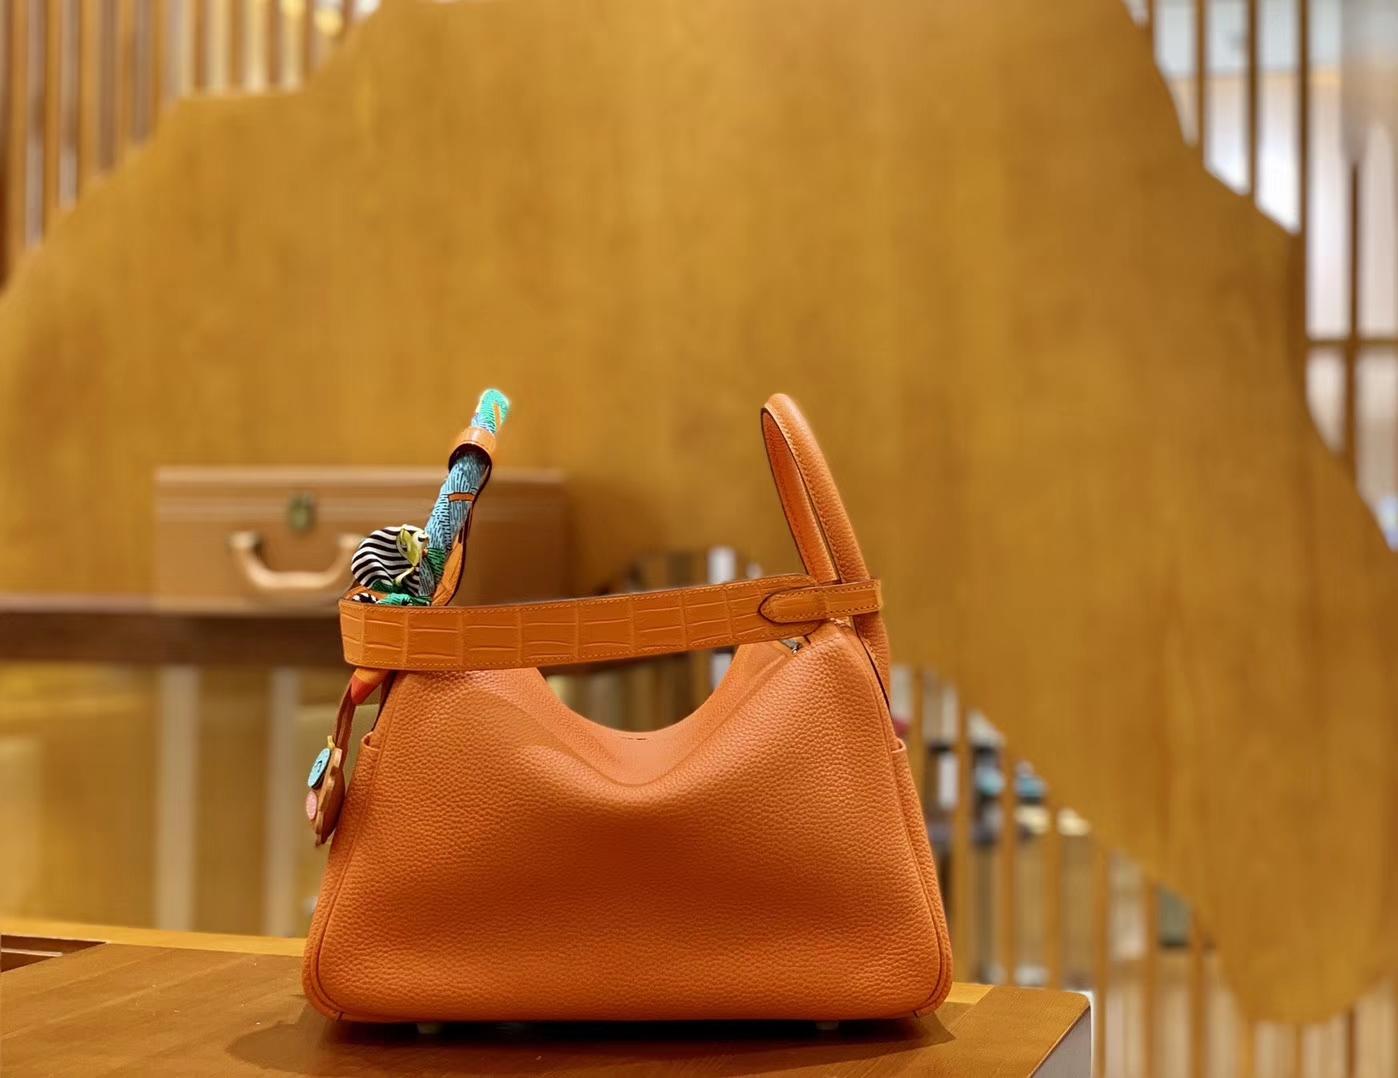 Hermès(爱马仕)Lindy 26cm 橙红色 银扣 鳄鱼皮拼togo 全手工缝制